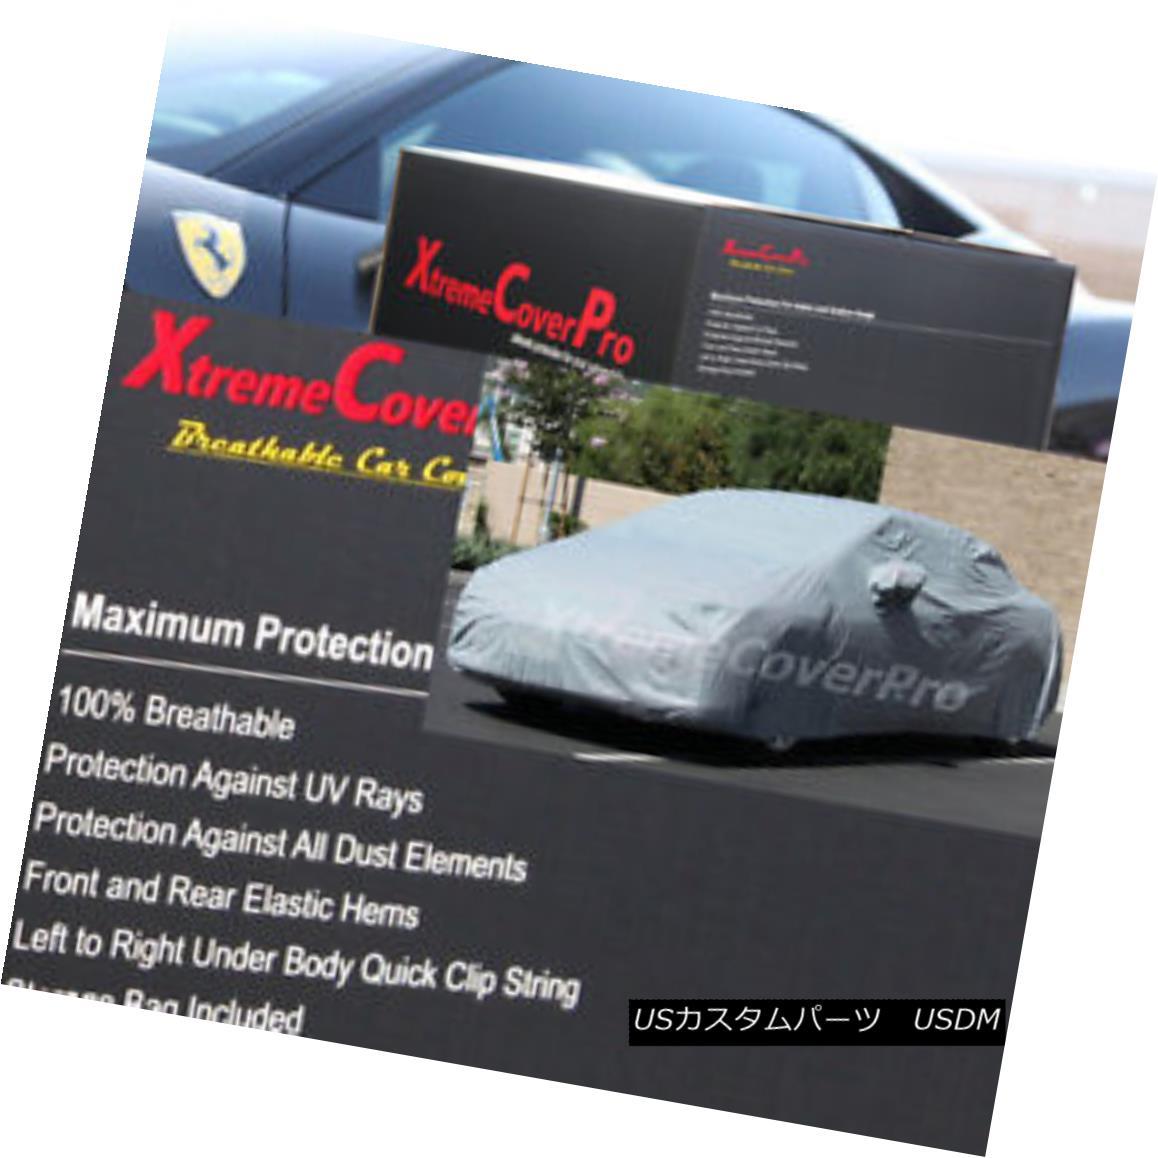 カーカバー 2016 MERCEDES C350 (SAME 2015) COUPE BREATHABLE CAR COVER W/MIRROR POCKET -GREY 2016年メルセデスC350(同2015)クーペブリーザブルカーカバー付き/ミラーポケット - グレー